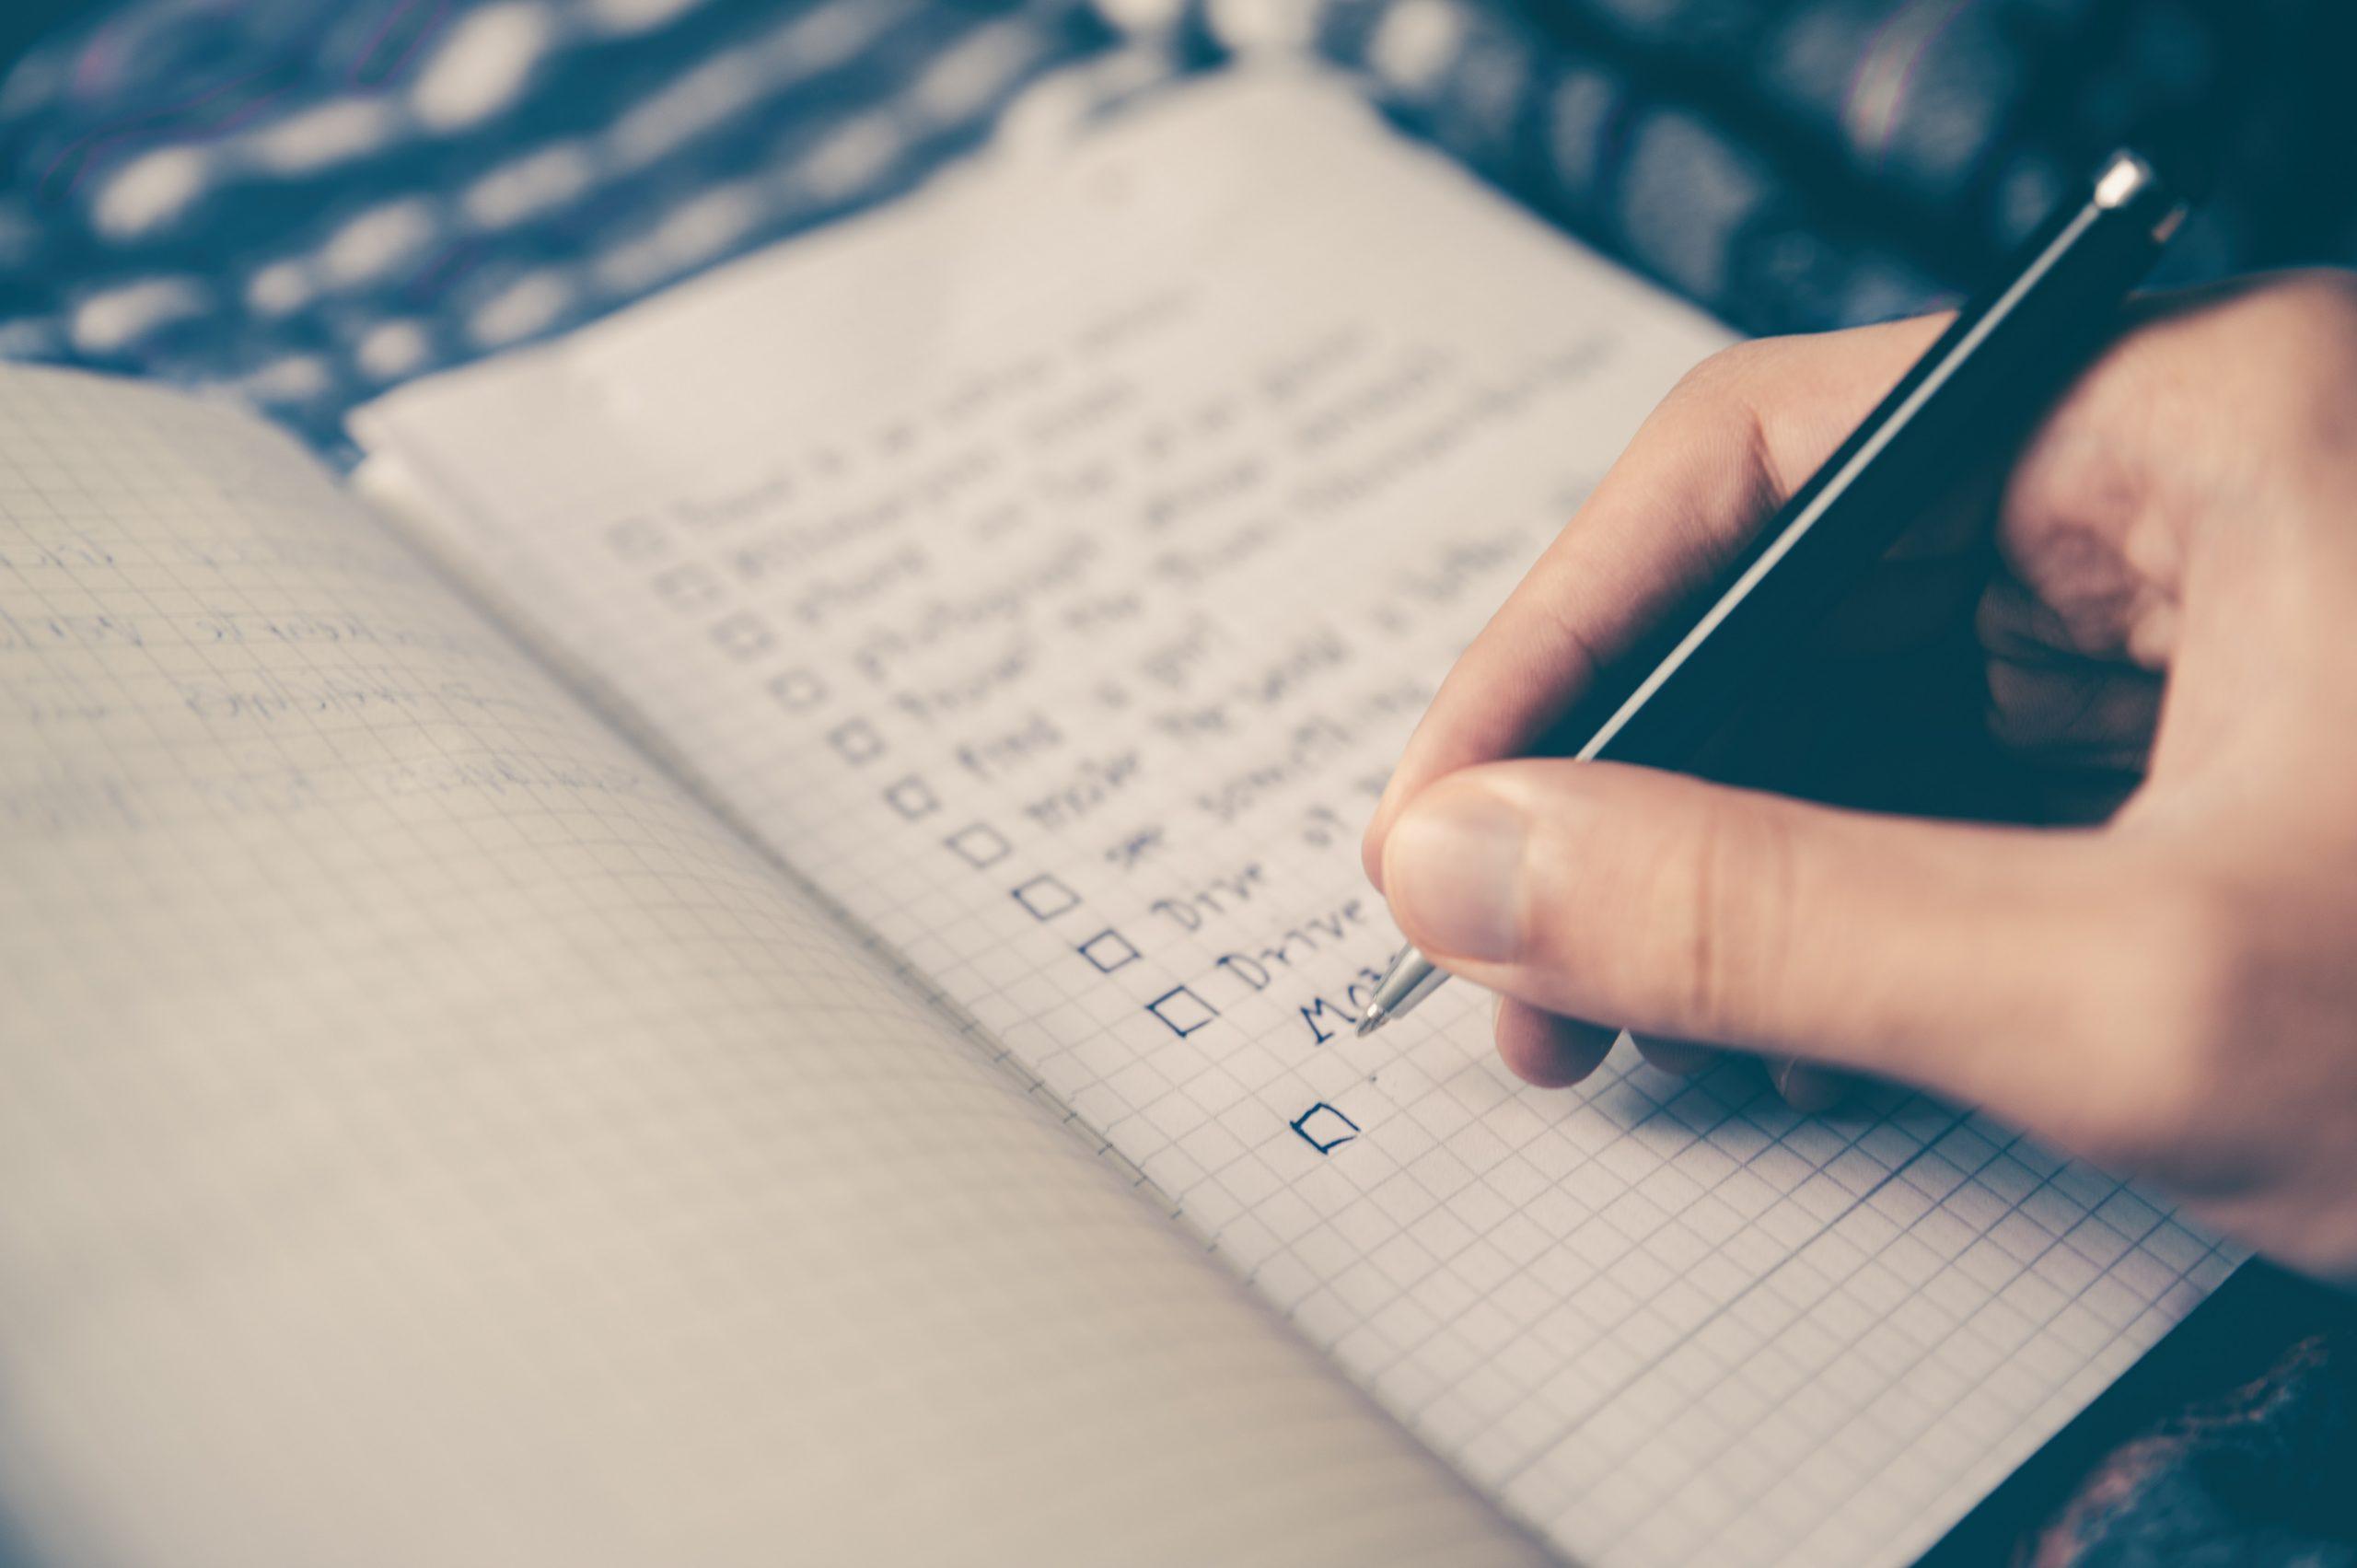 My Design Checklist